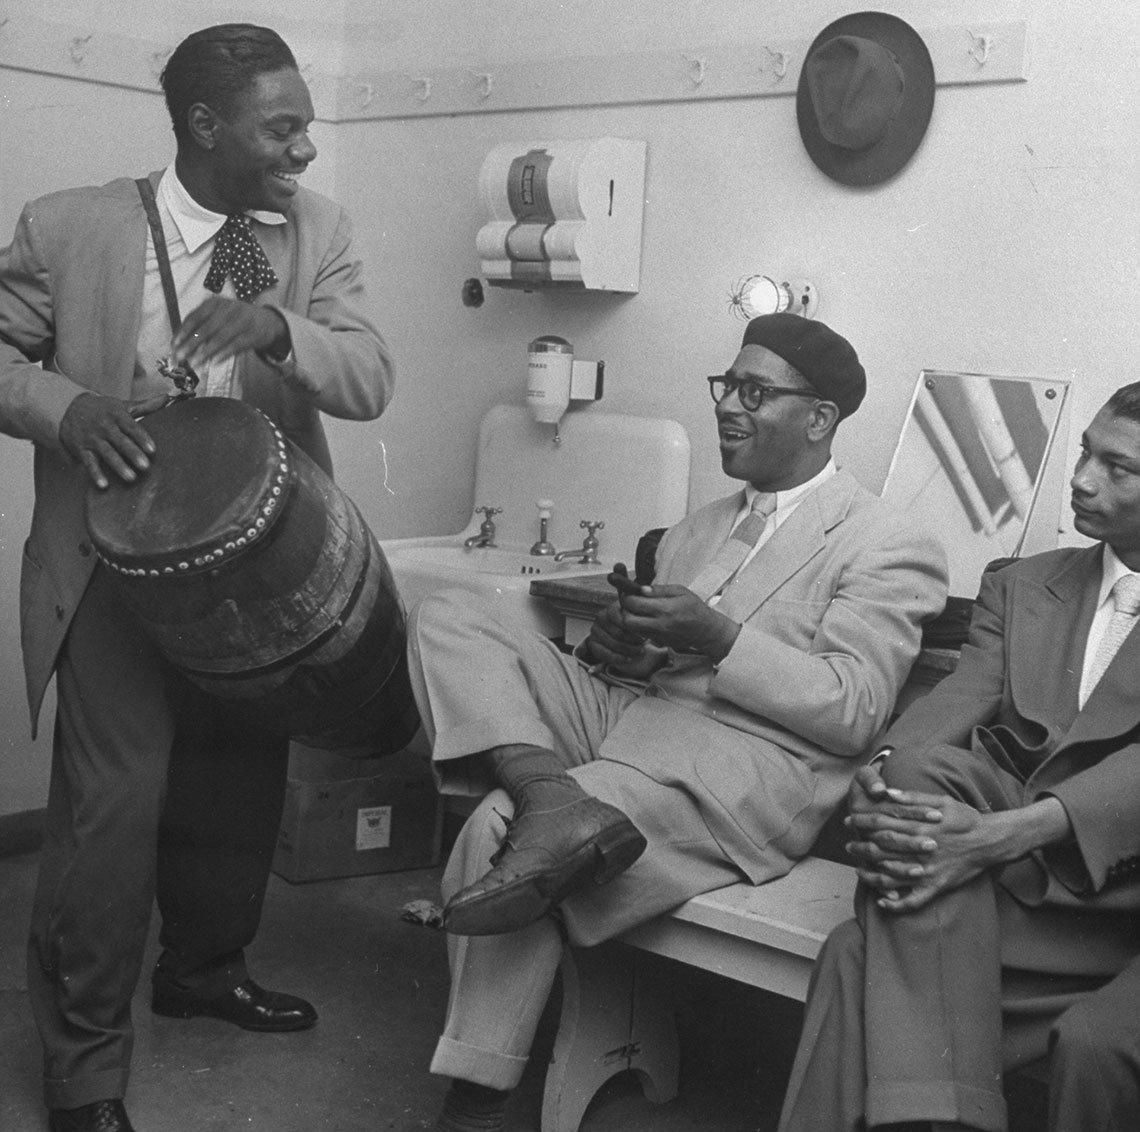 El percusionista Chano Pozo, izq., y Dizzy Gillespie, centro.